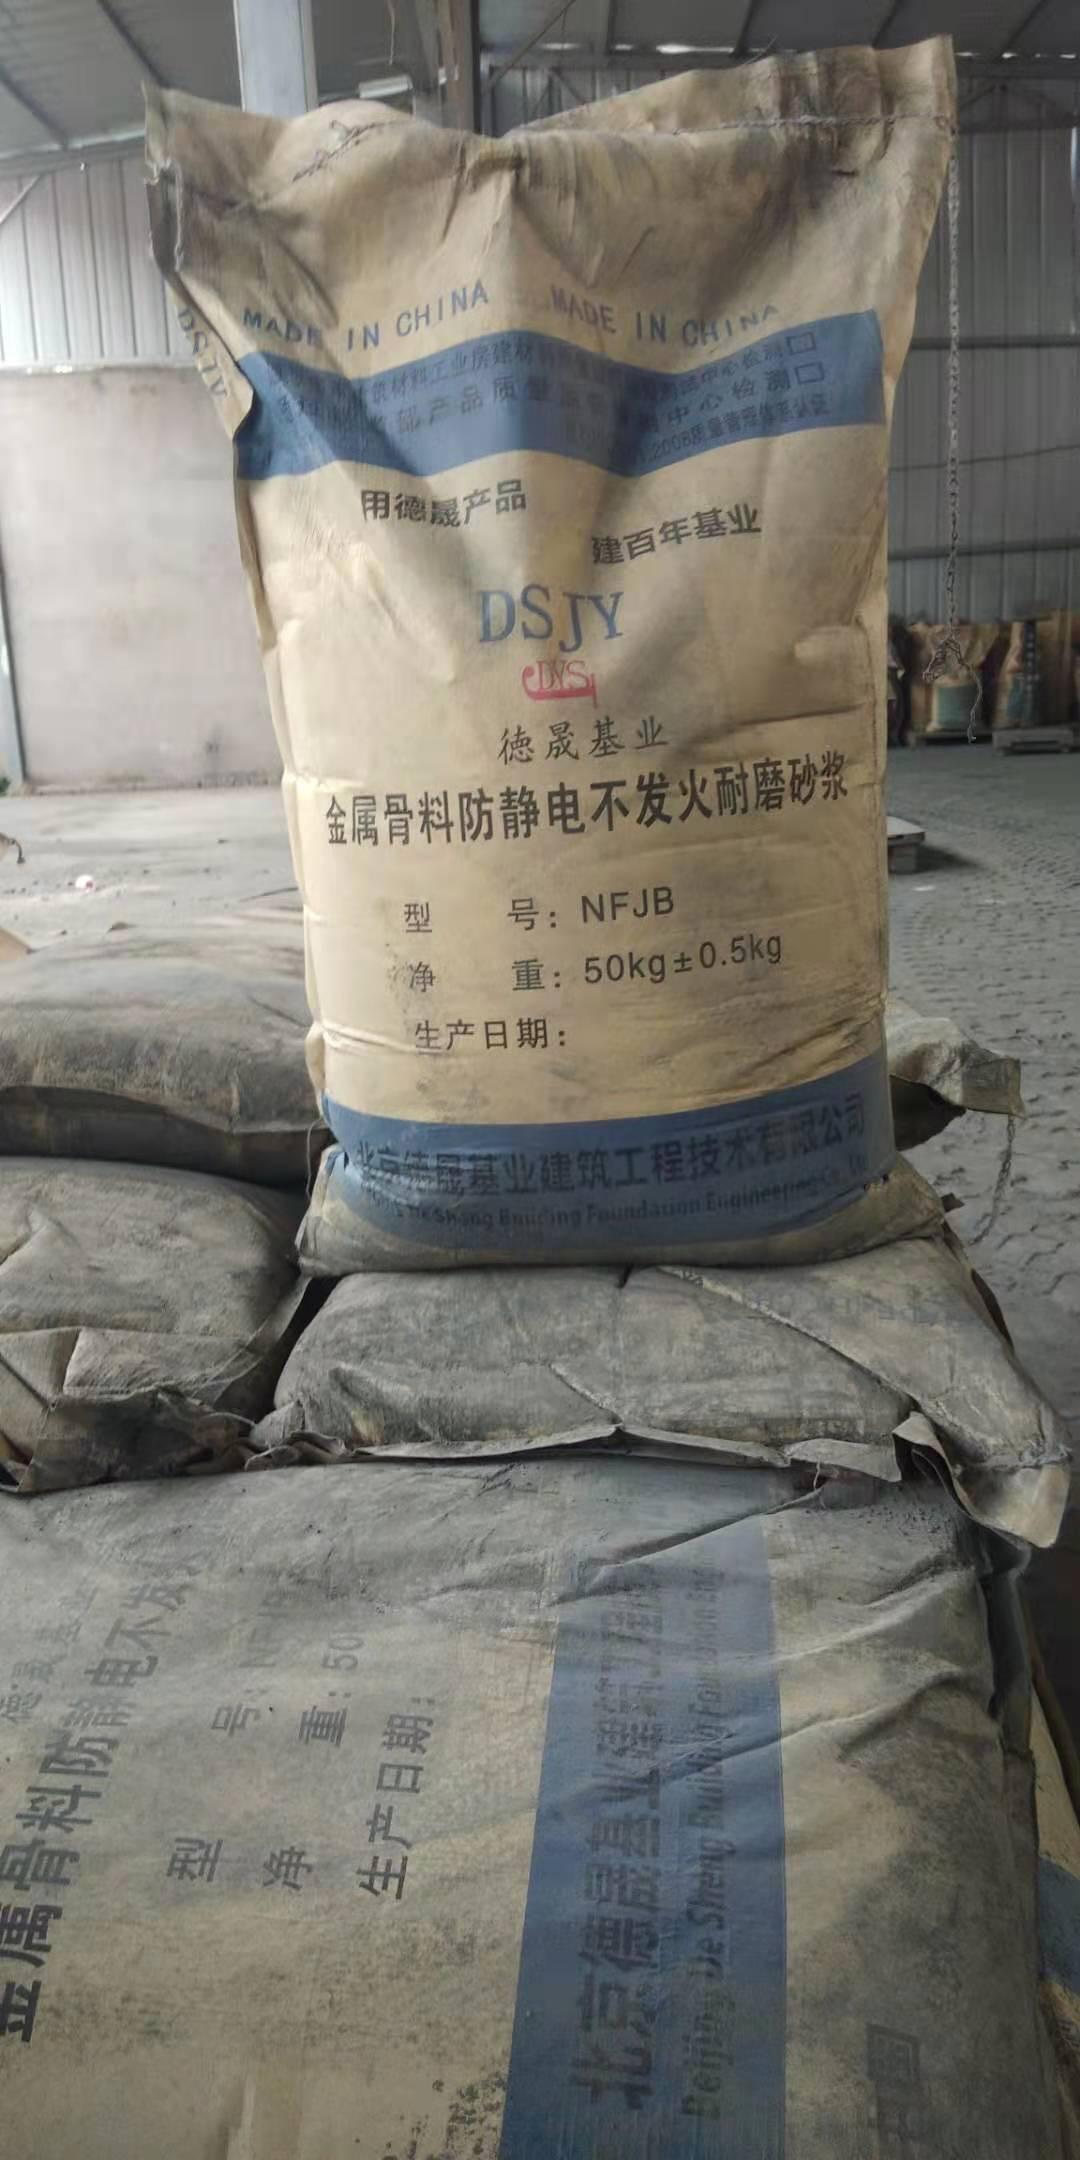 云南昆明防静电不发火水磨石厂家价格 - 中国供应商